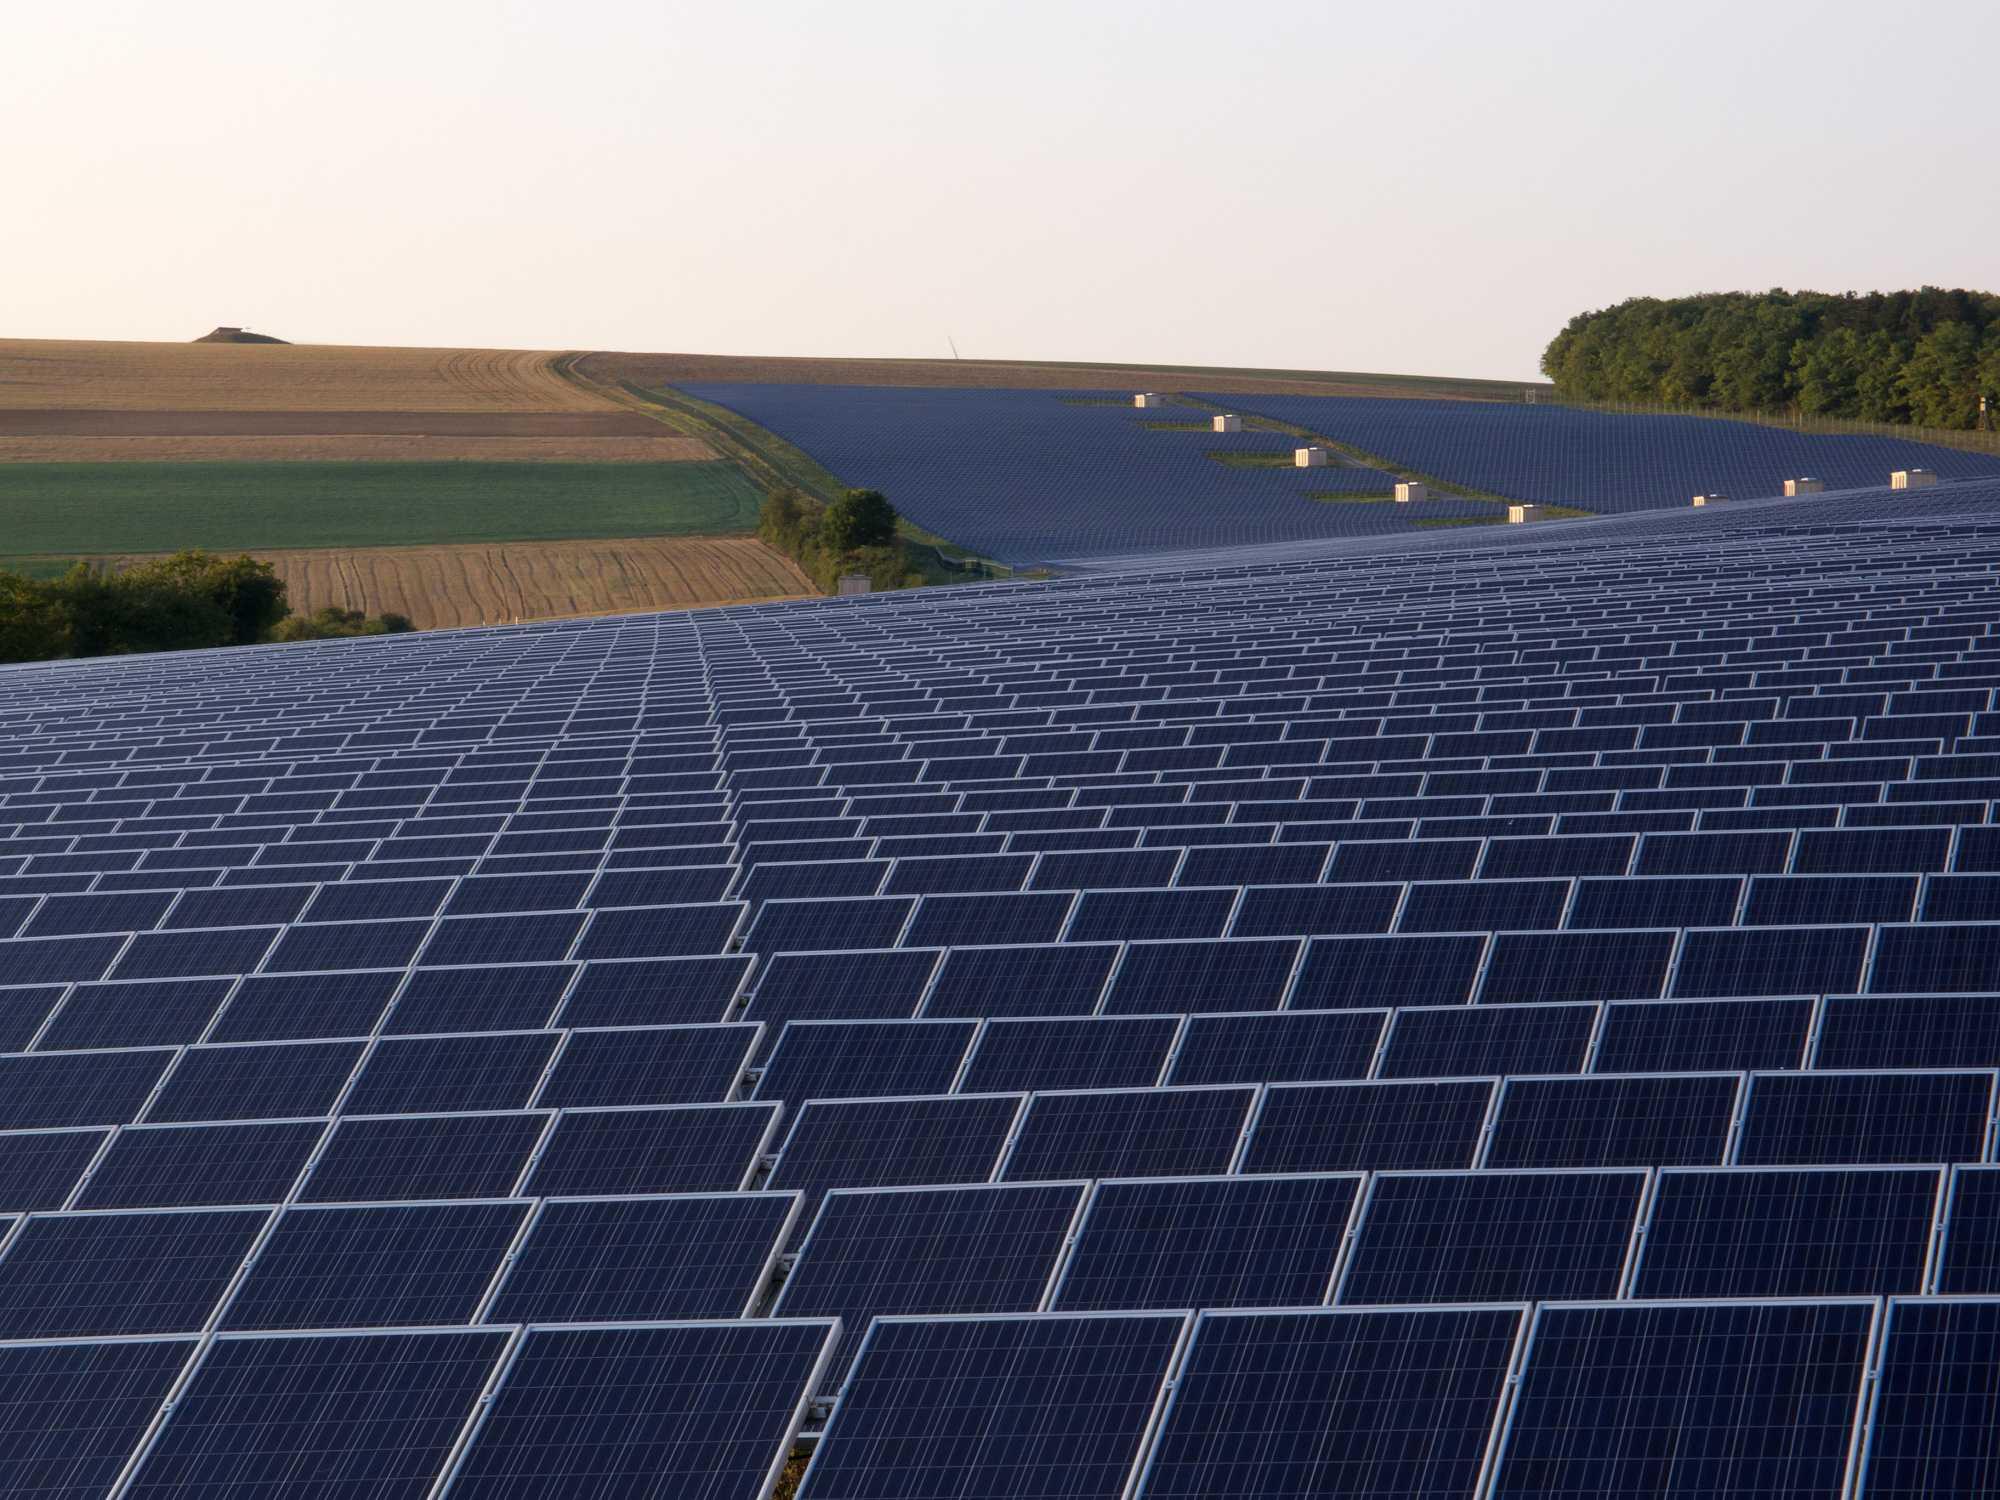 Es herrscht schon lange nicht mehr eitel Sonnenschein über der deutschen Solarbranche (Photovoltaik-Anlage in Thüngen/Bayern) Foto: OhWeh, Lizenz Creative Commons CC BY-SA 2.5